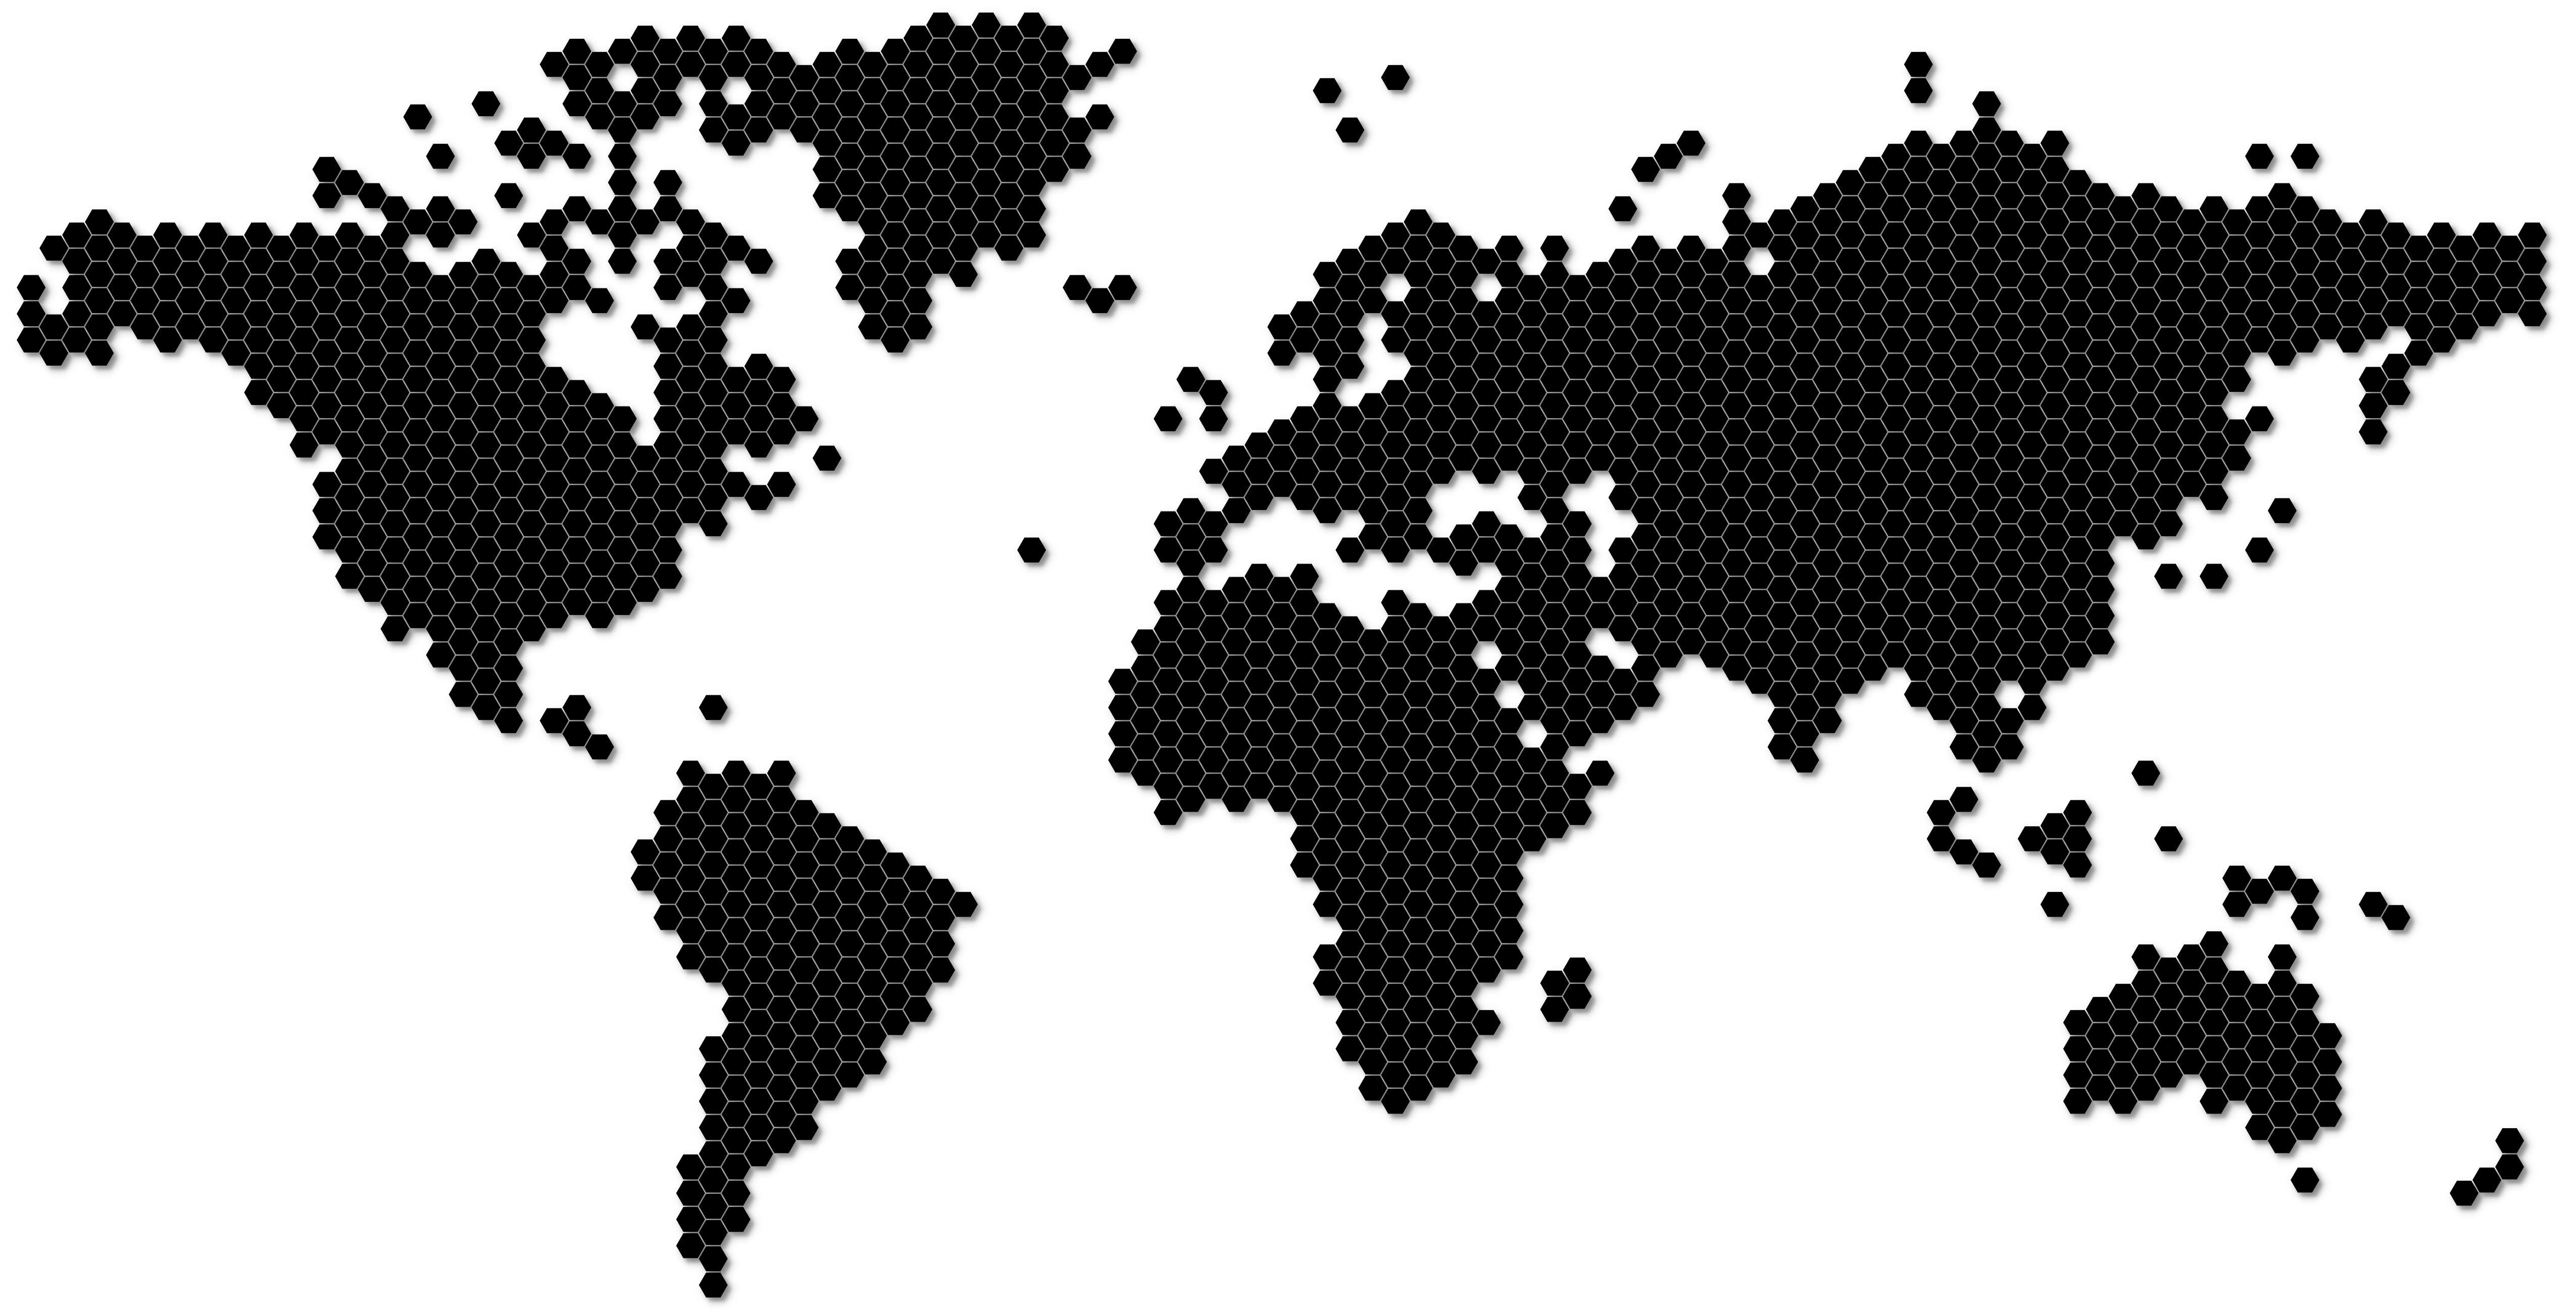 world_hex